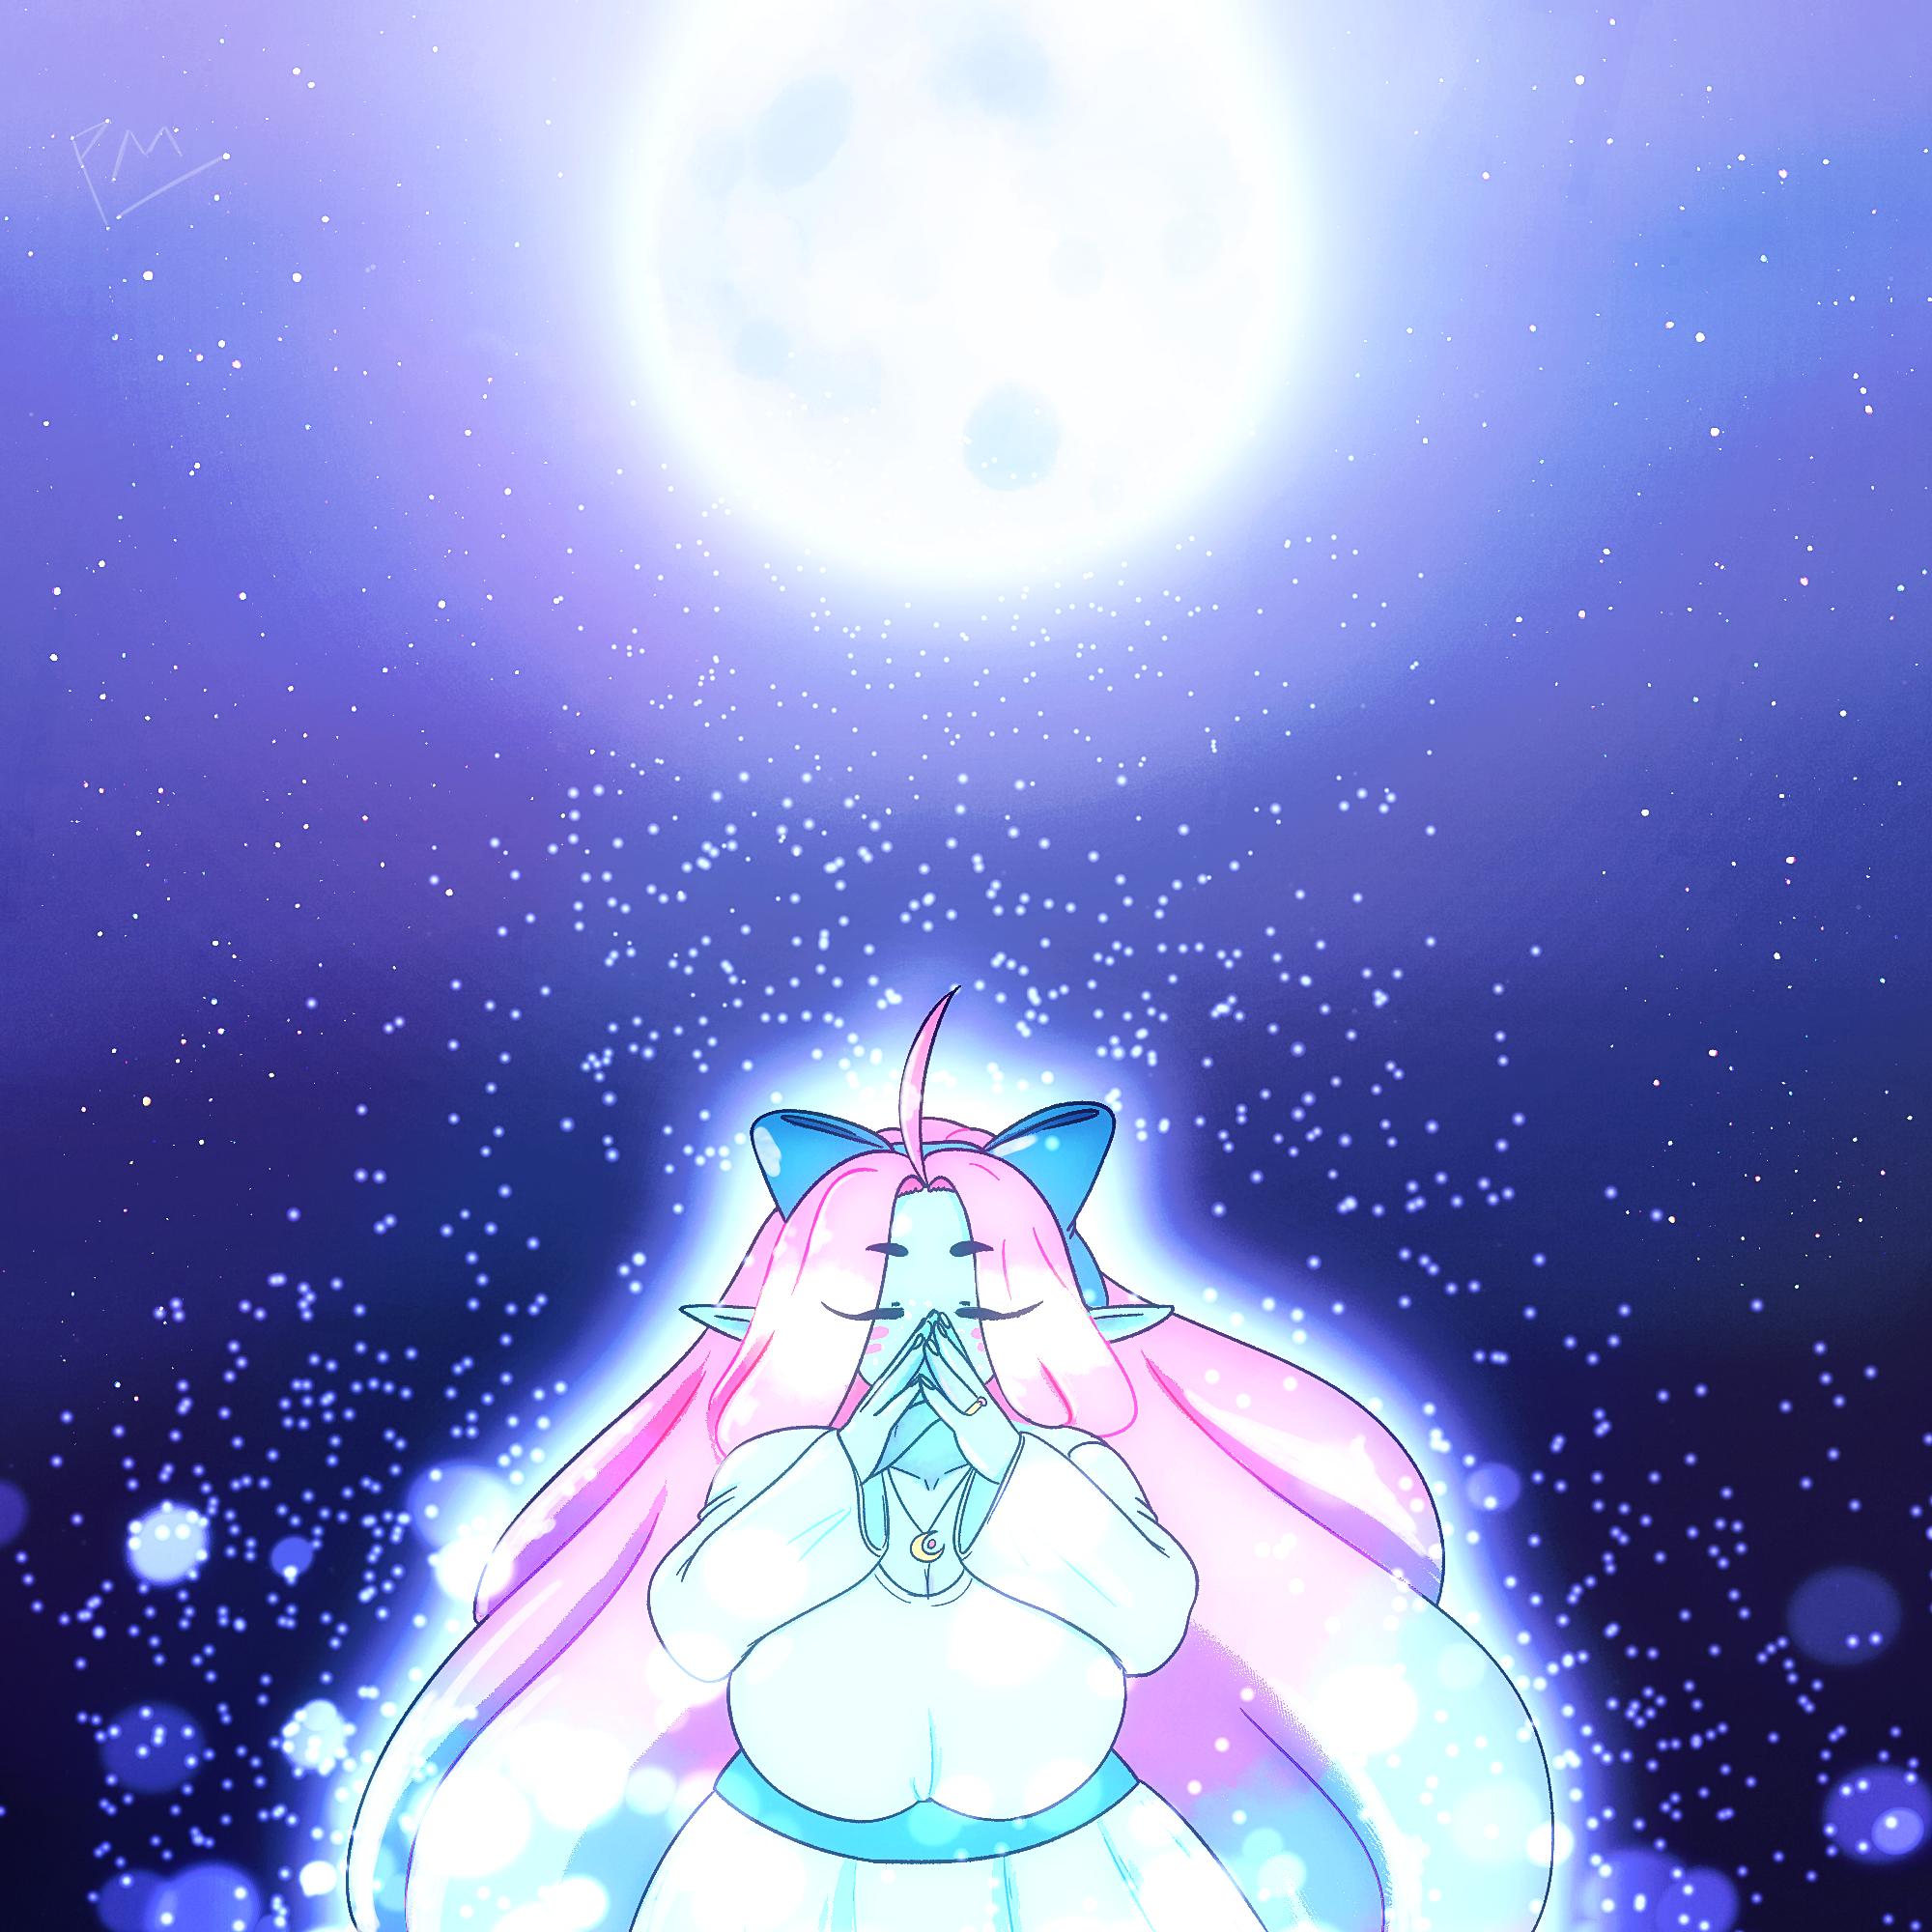 Spirit of The Full Moon